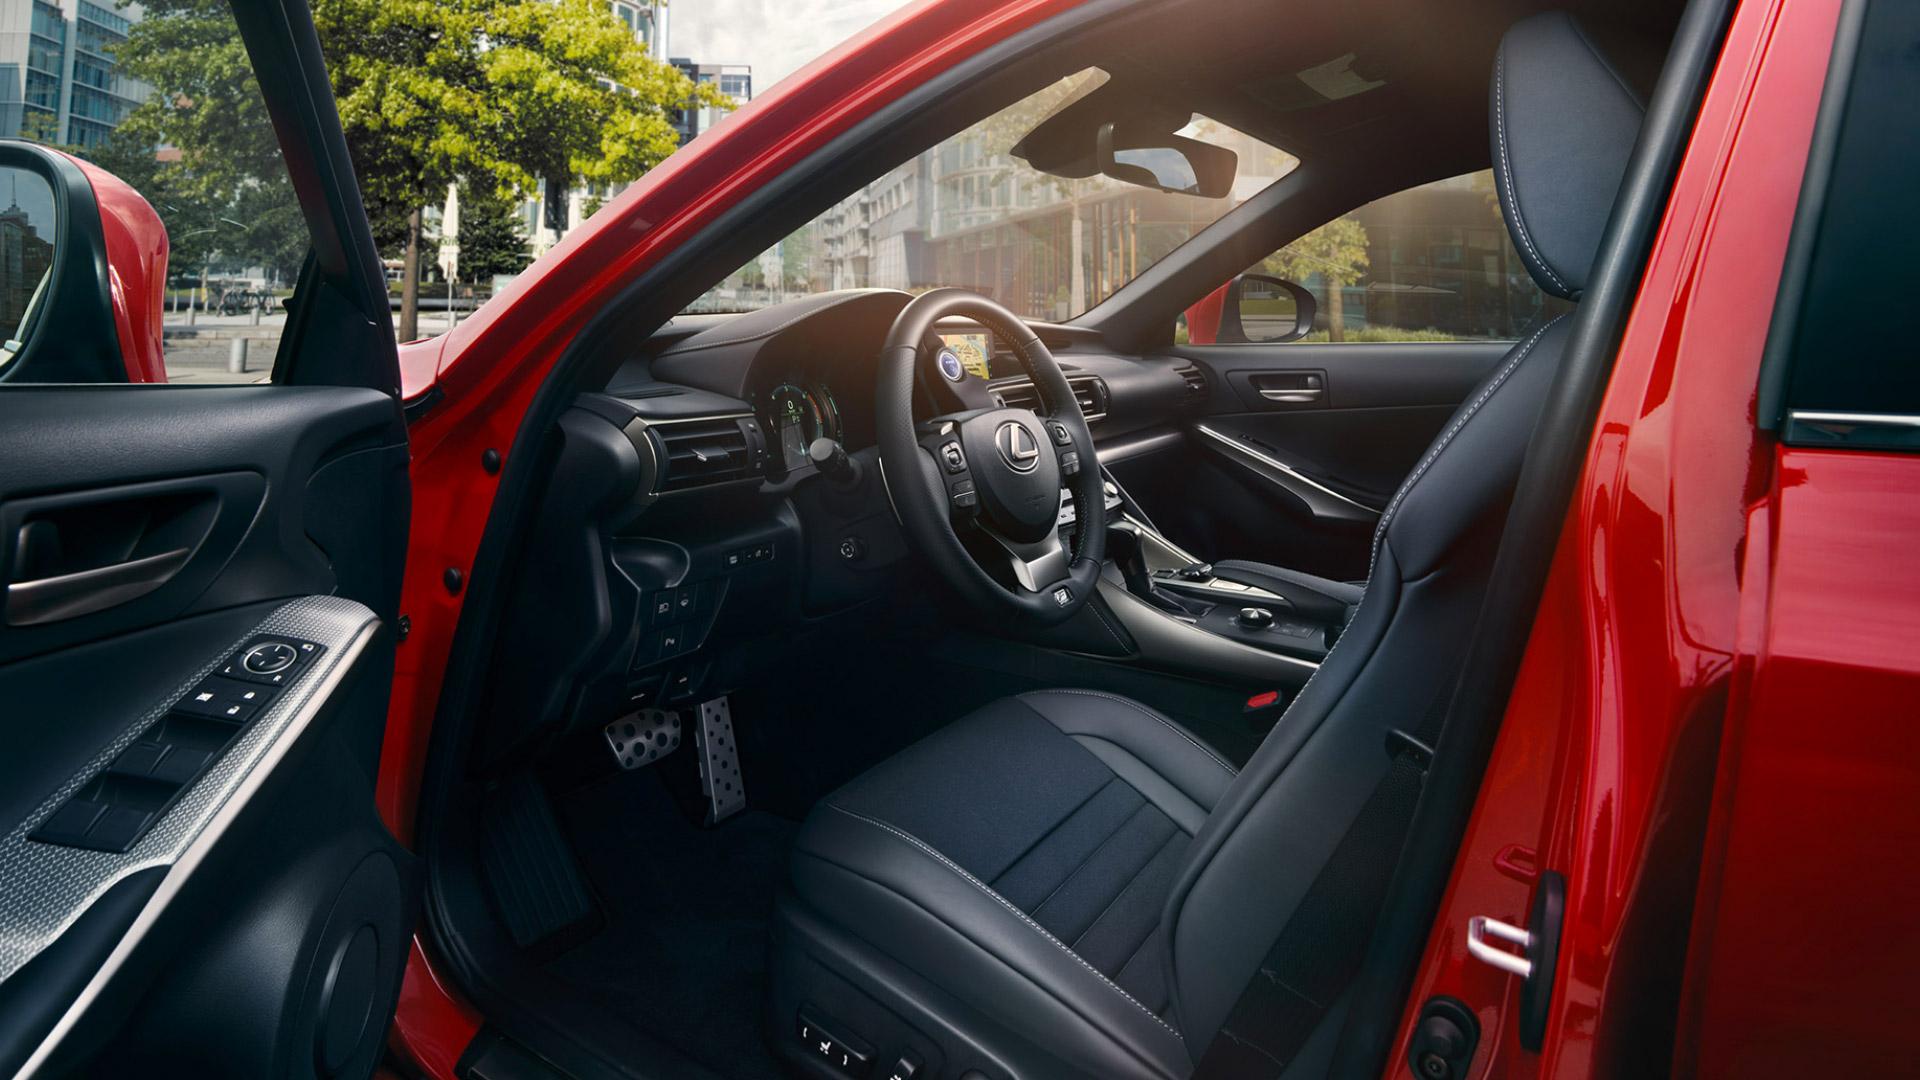 Used Cars Default Image